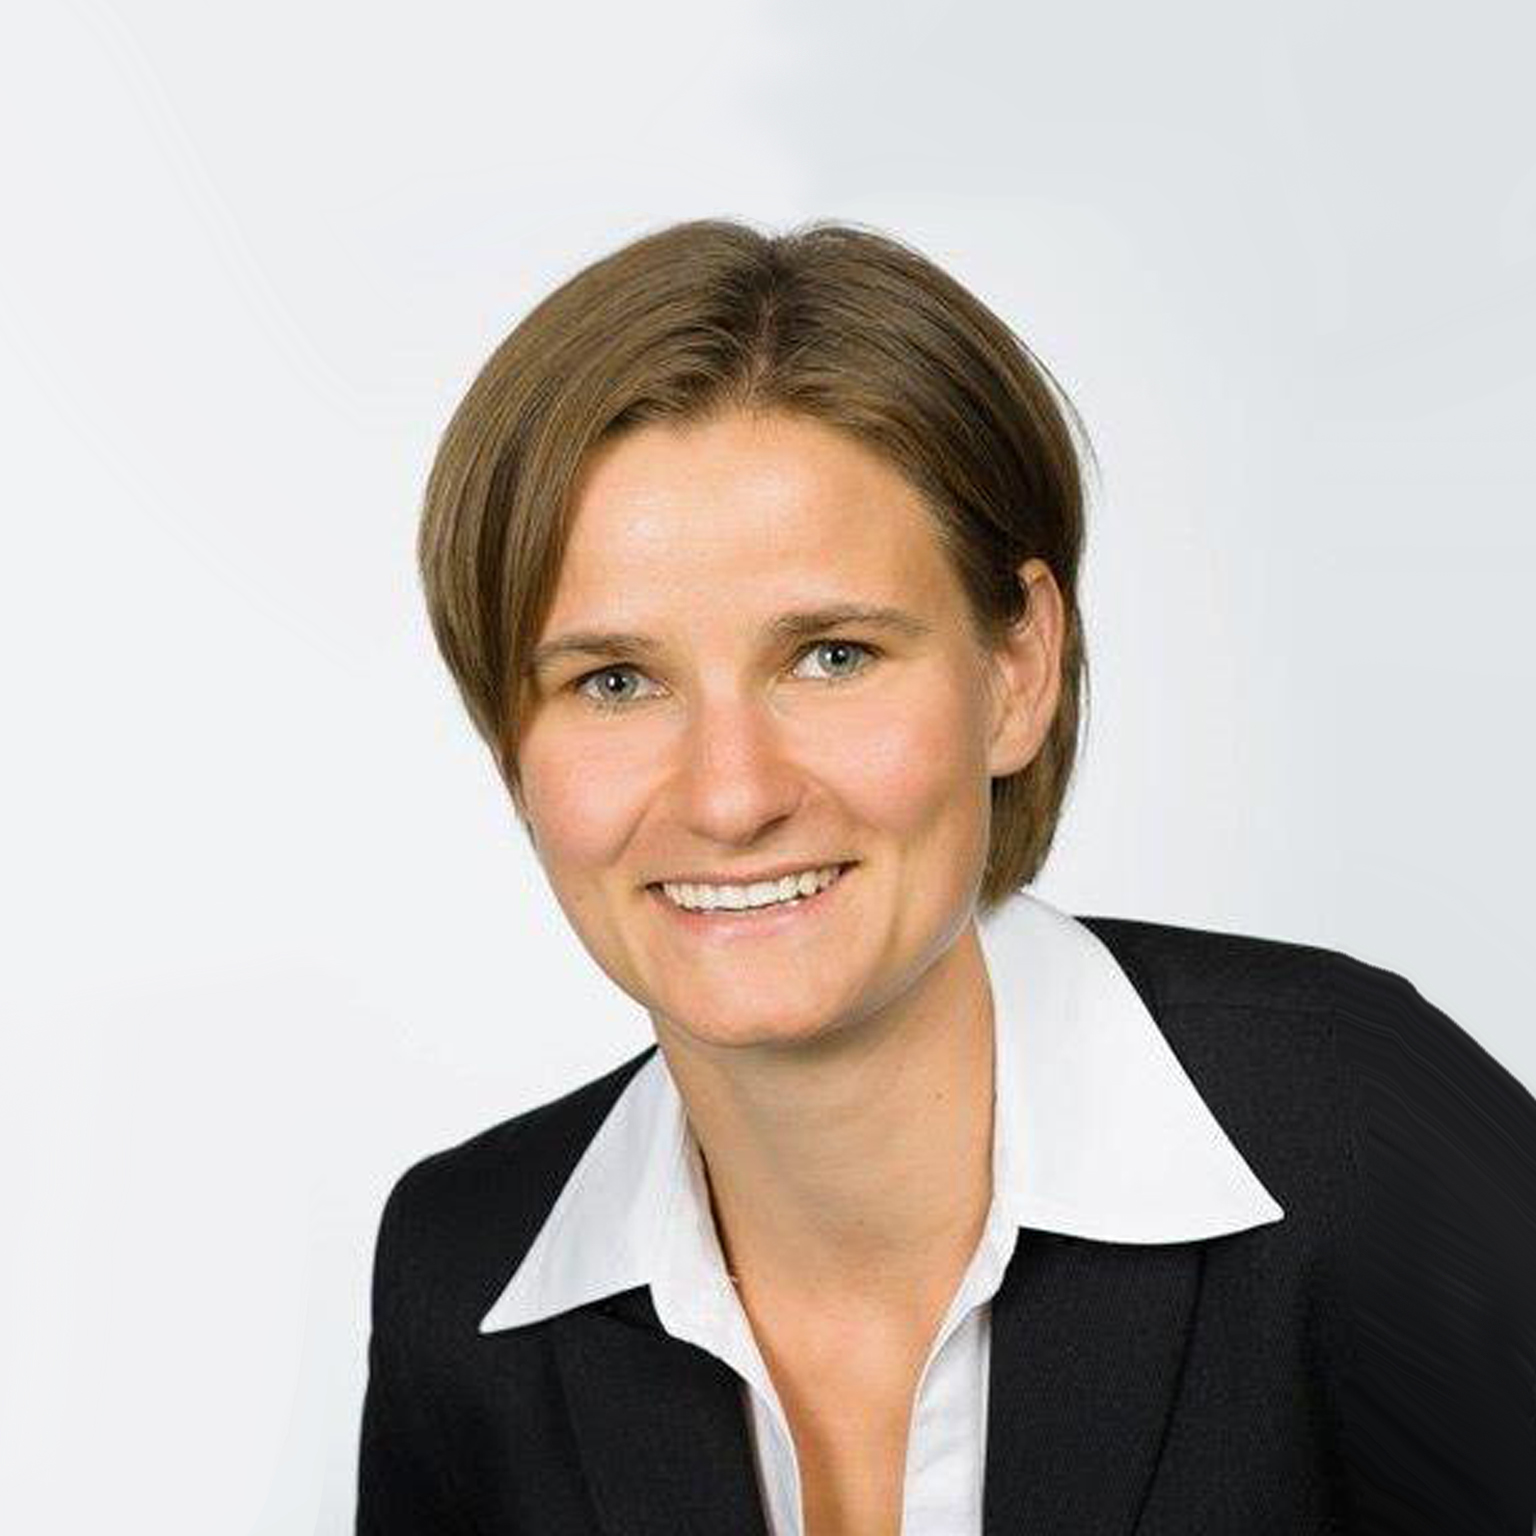 Elisabeth Rudolph